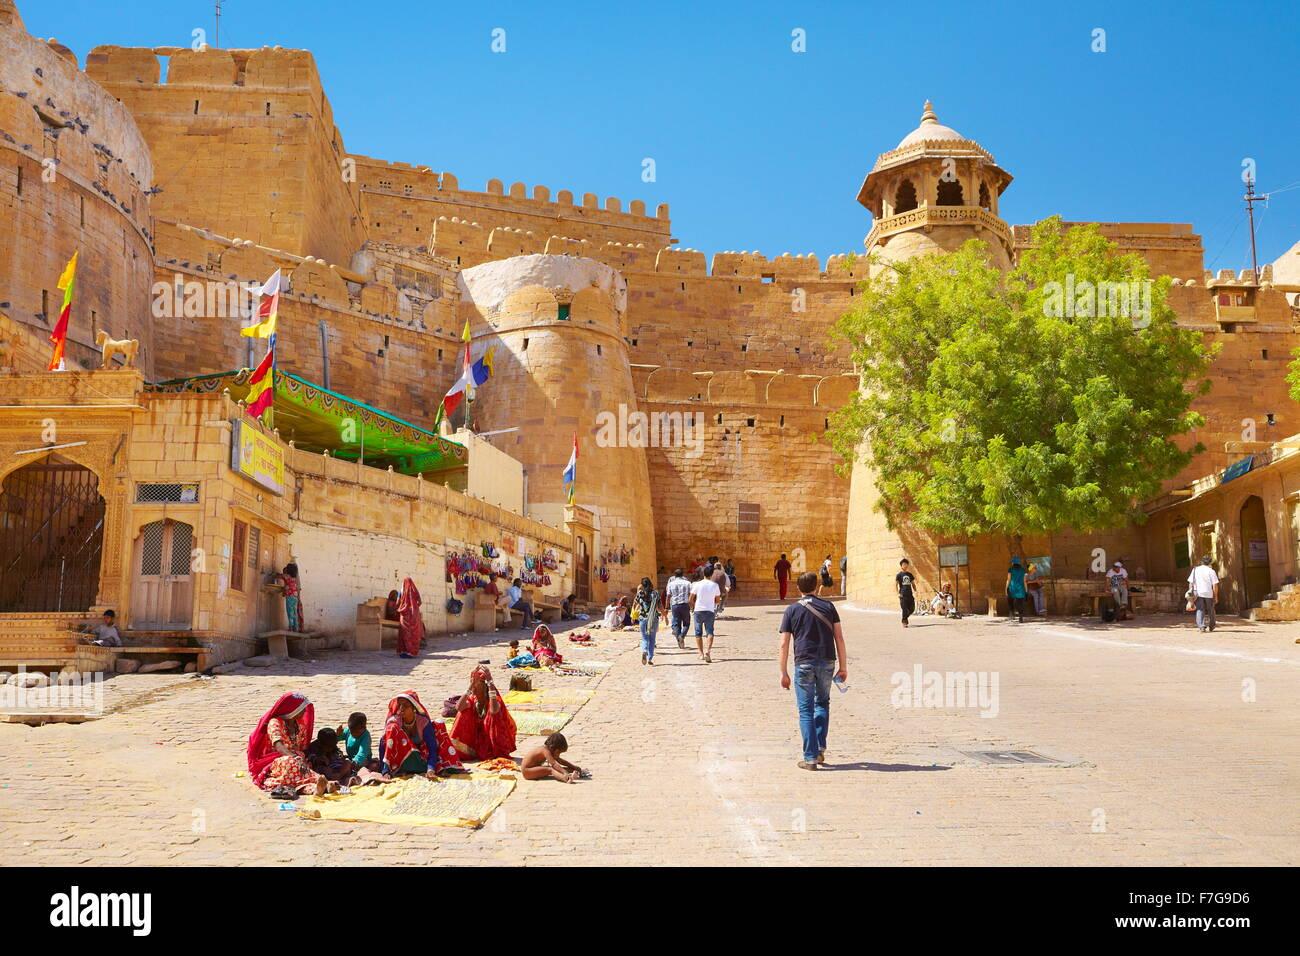 Il cancello di ingresso conduce al Forte di Jaisalmer, Jaisalmer, Rajasthan, India Immagini Stock